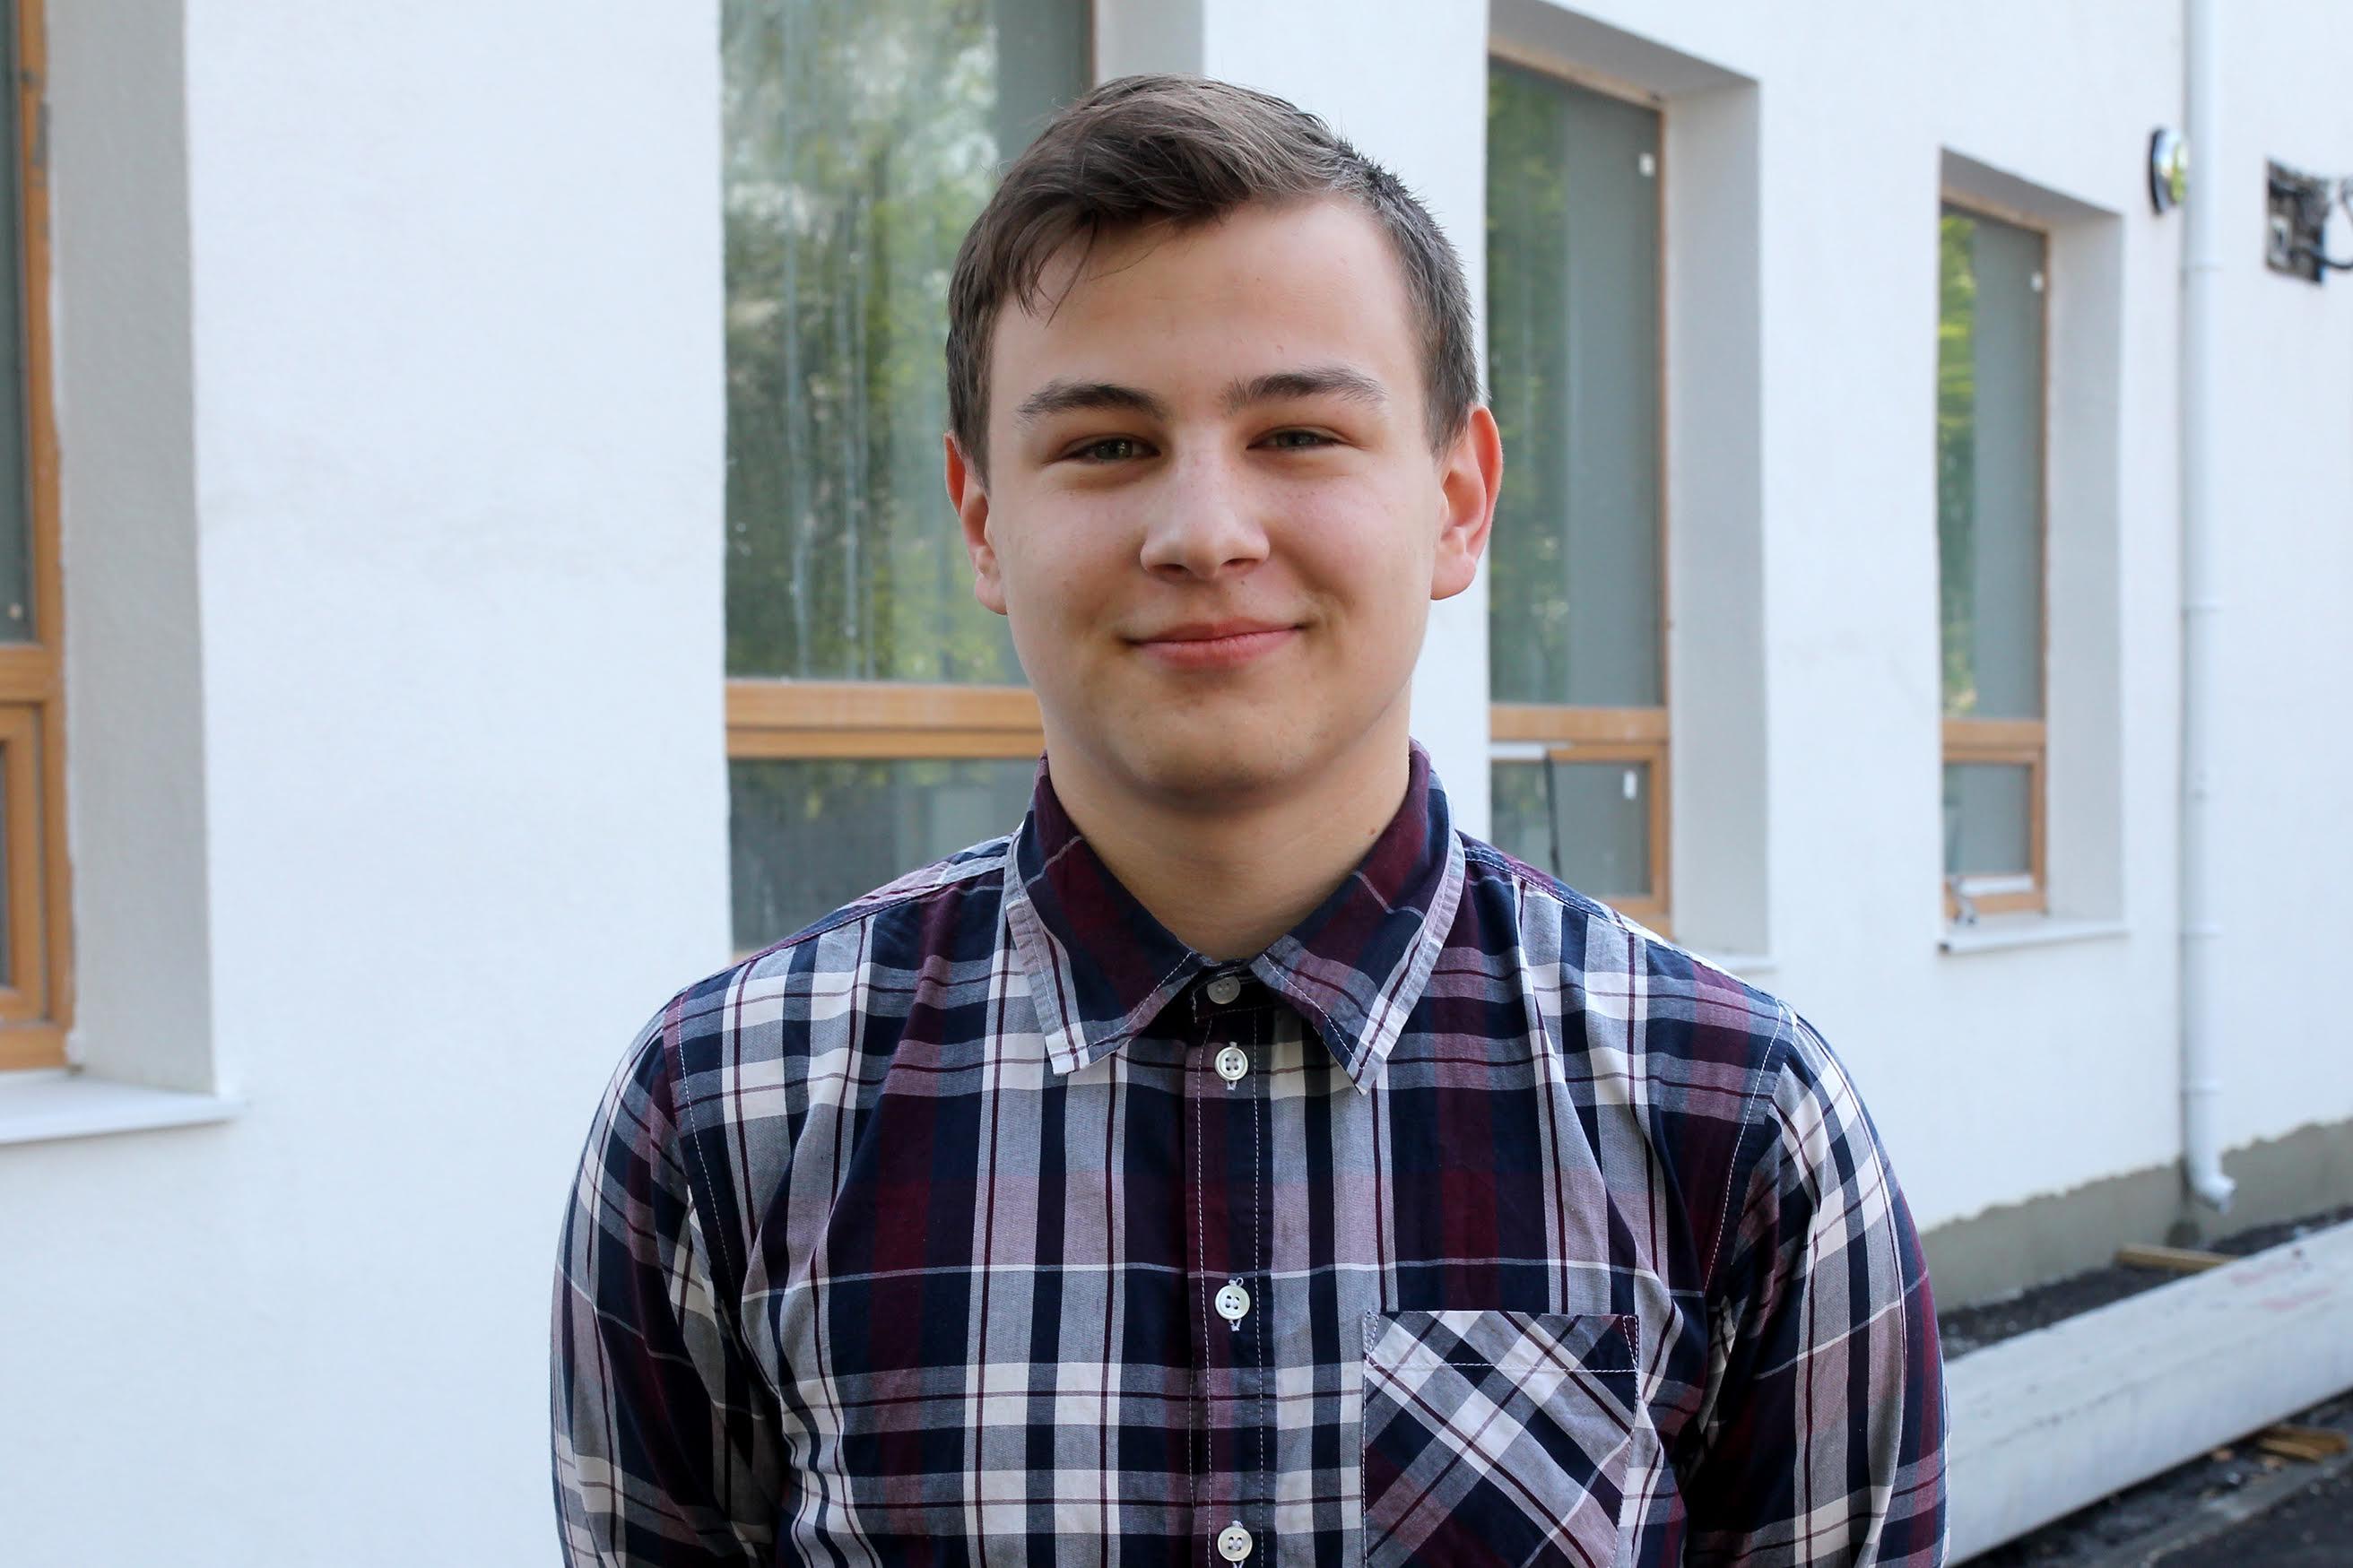 «Я дуже радію змінам. Подобається, як наша школа трансформується. Упевнений, тут навчання буде легким і цікавим», – поділився Іван Тарасов.